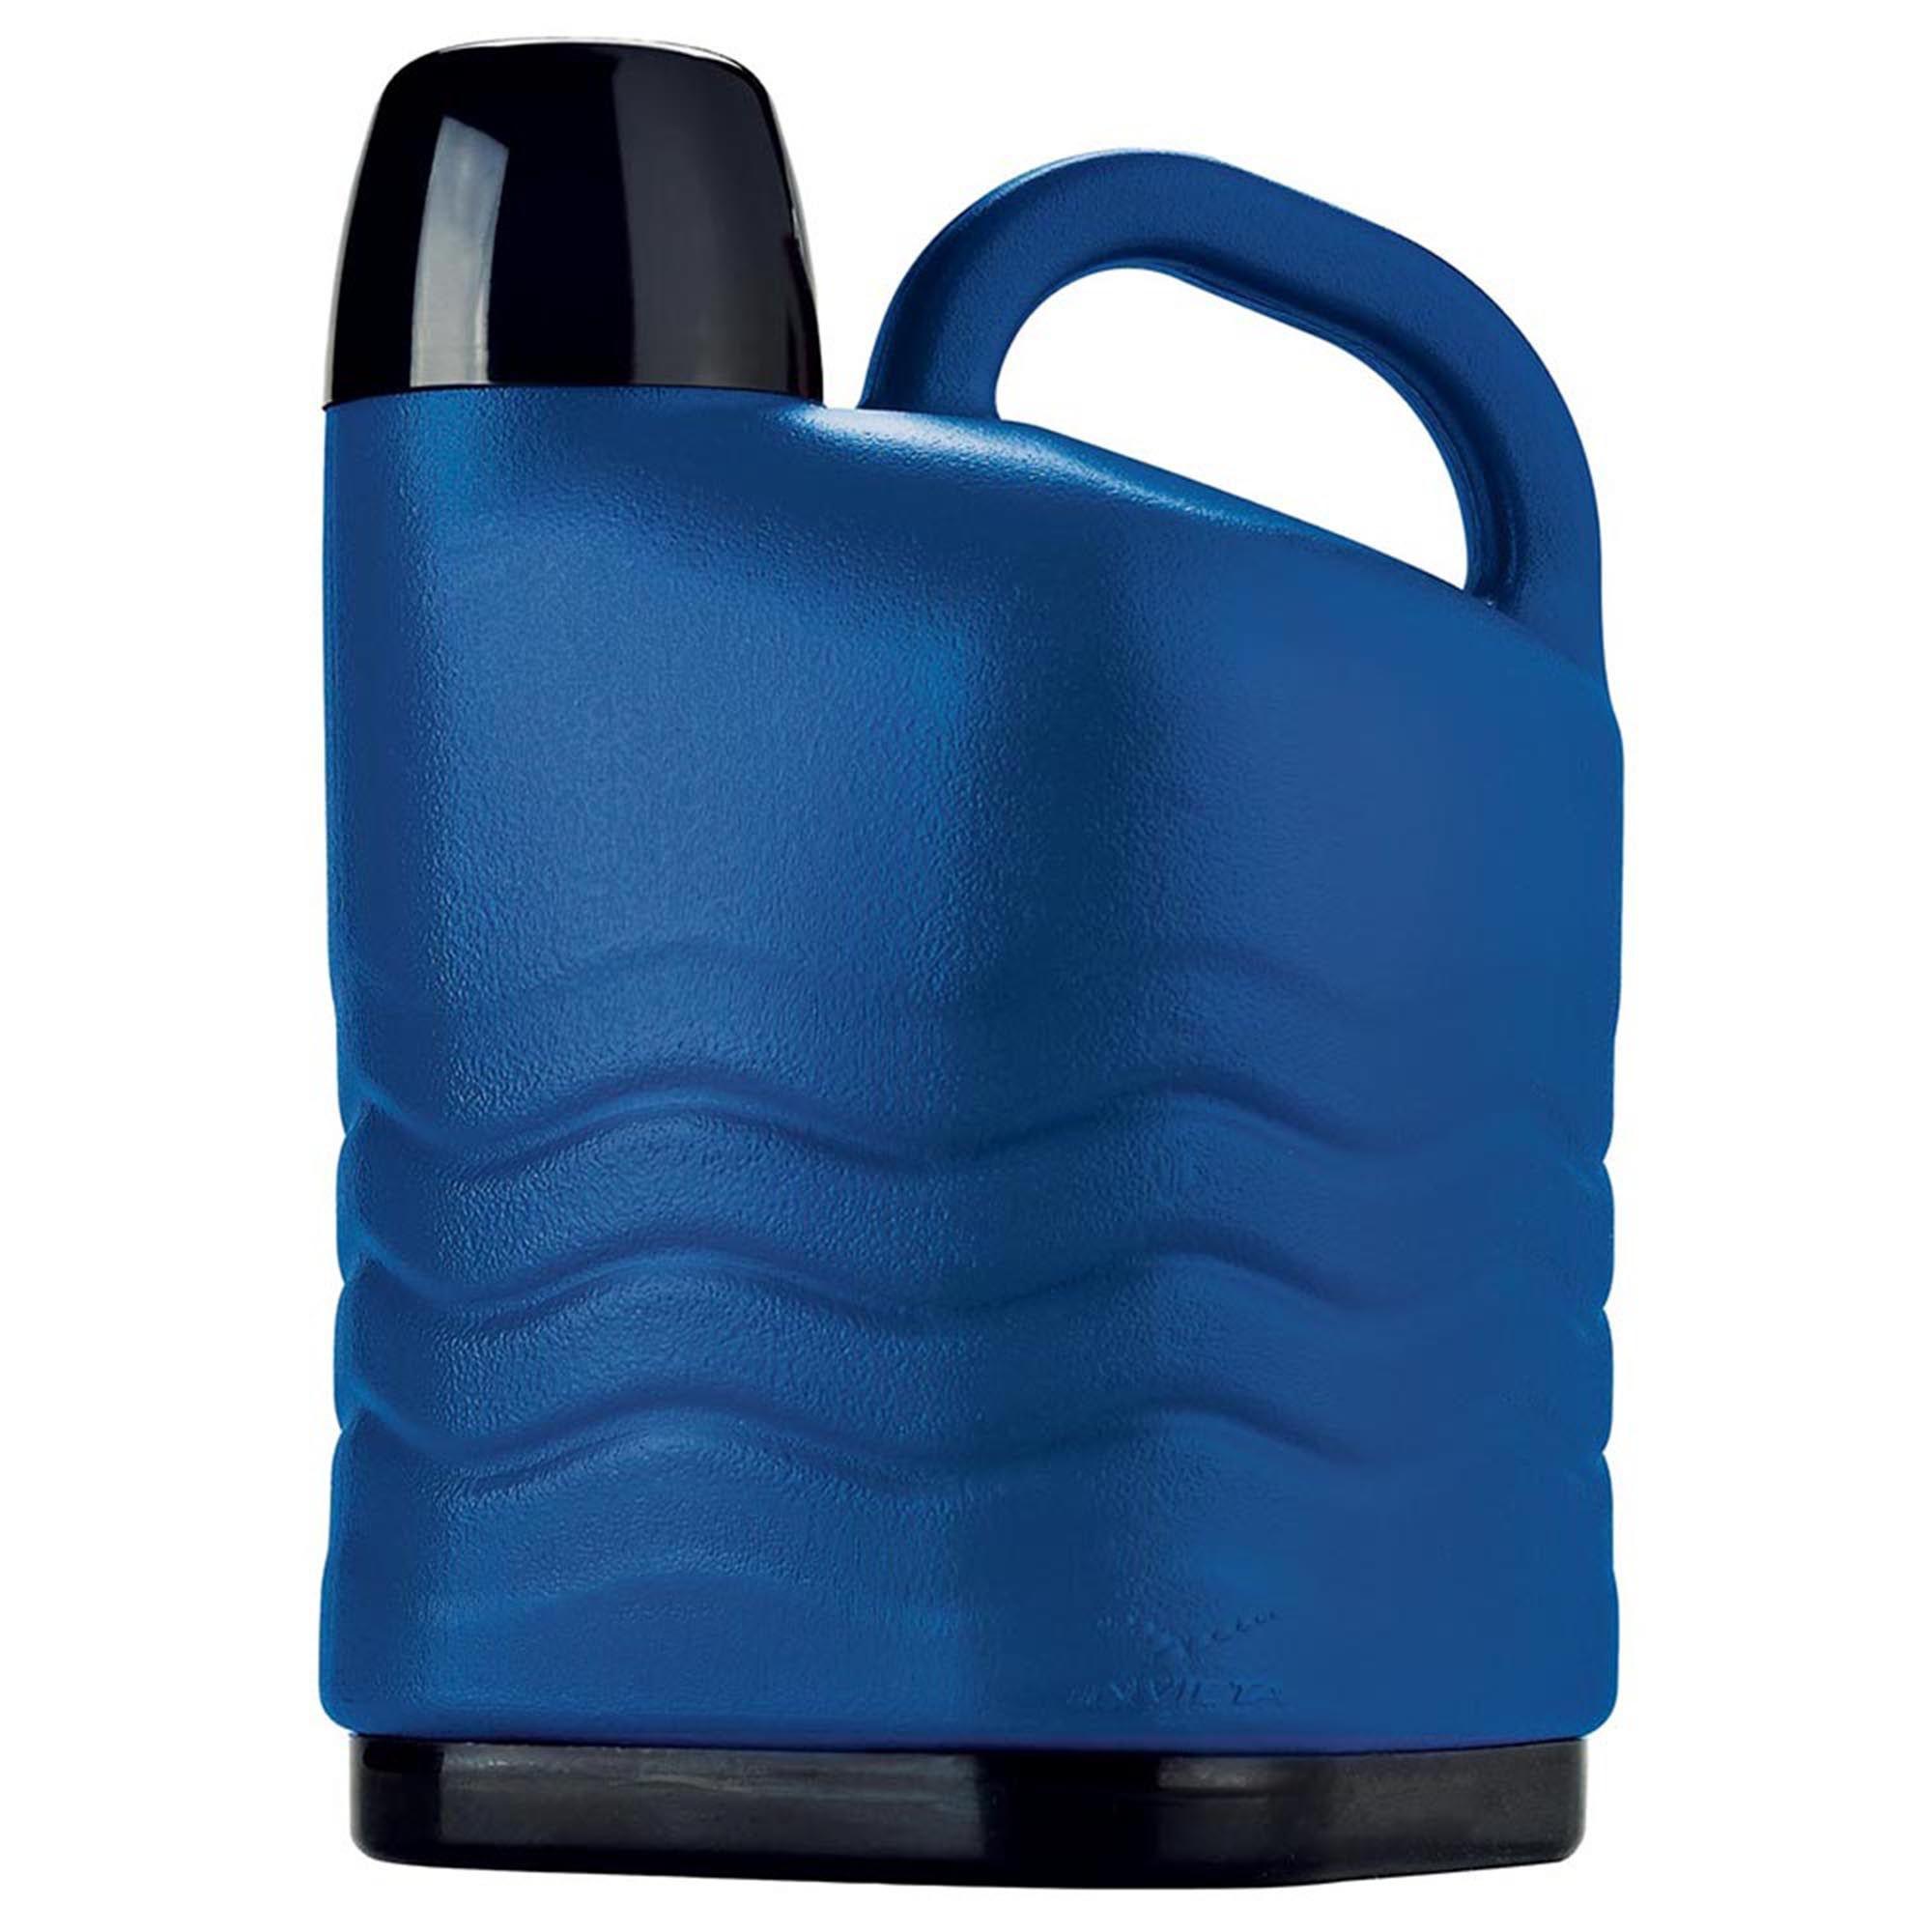 Garrafão Térmico 5 litros Azul